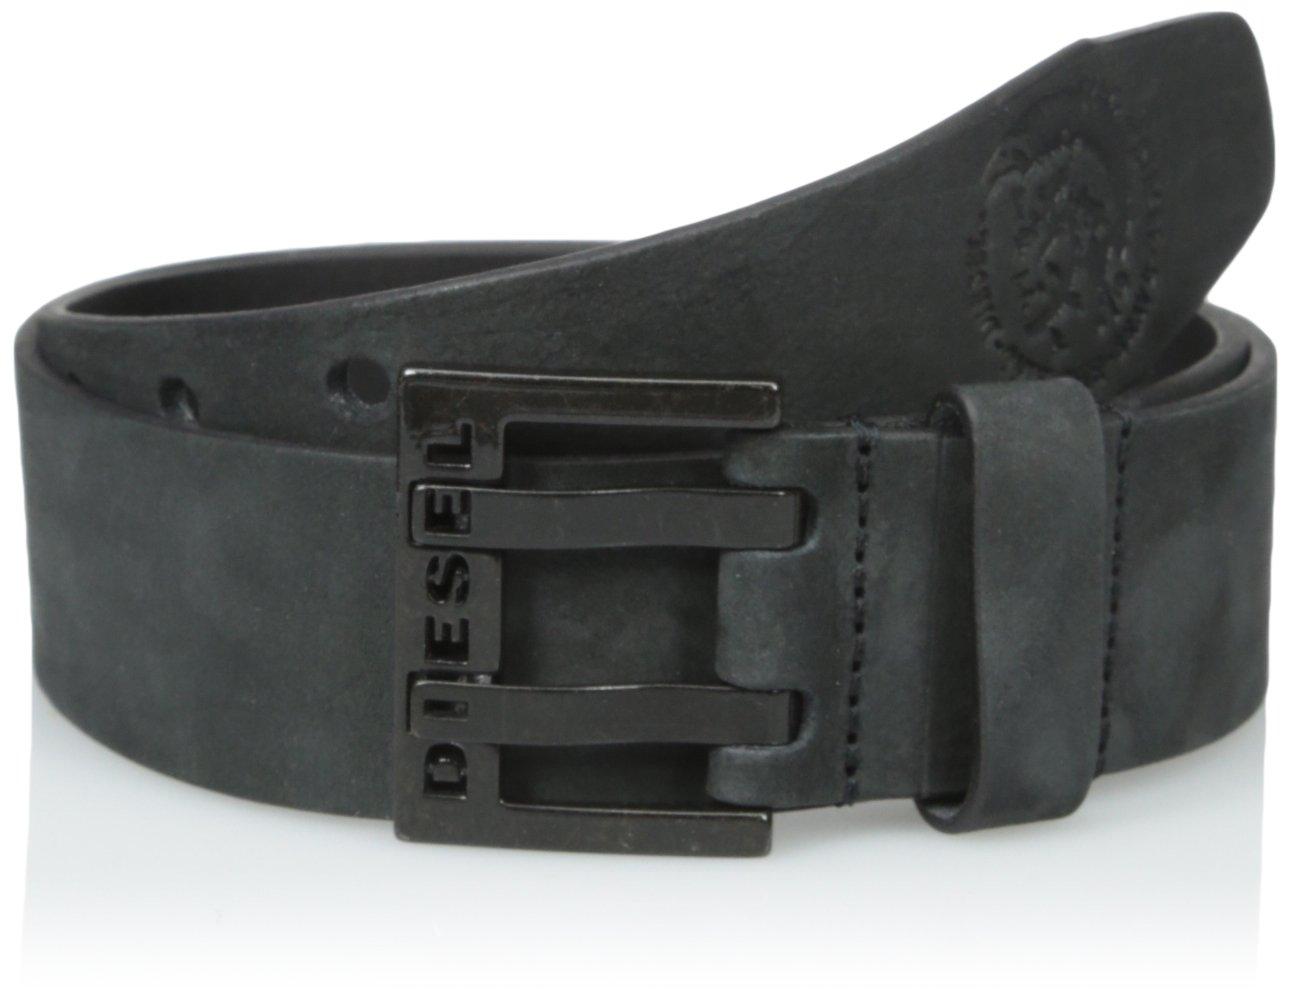 (ディーゼル) DIESELメンズ ヌバックレザー ベルト - BIT - belt B0189DOVCM 85(日本サイズM相当)|ブラック ブラック 85(日本サイズM相当)